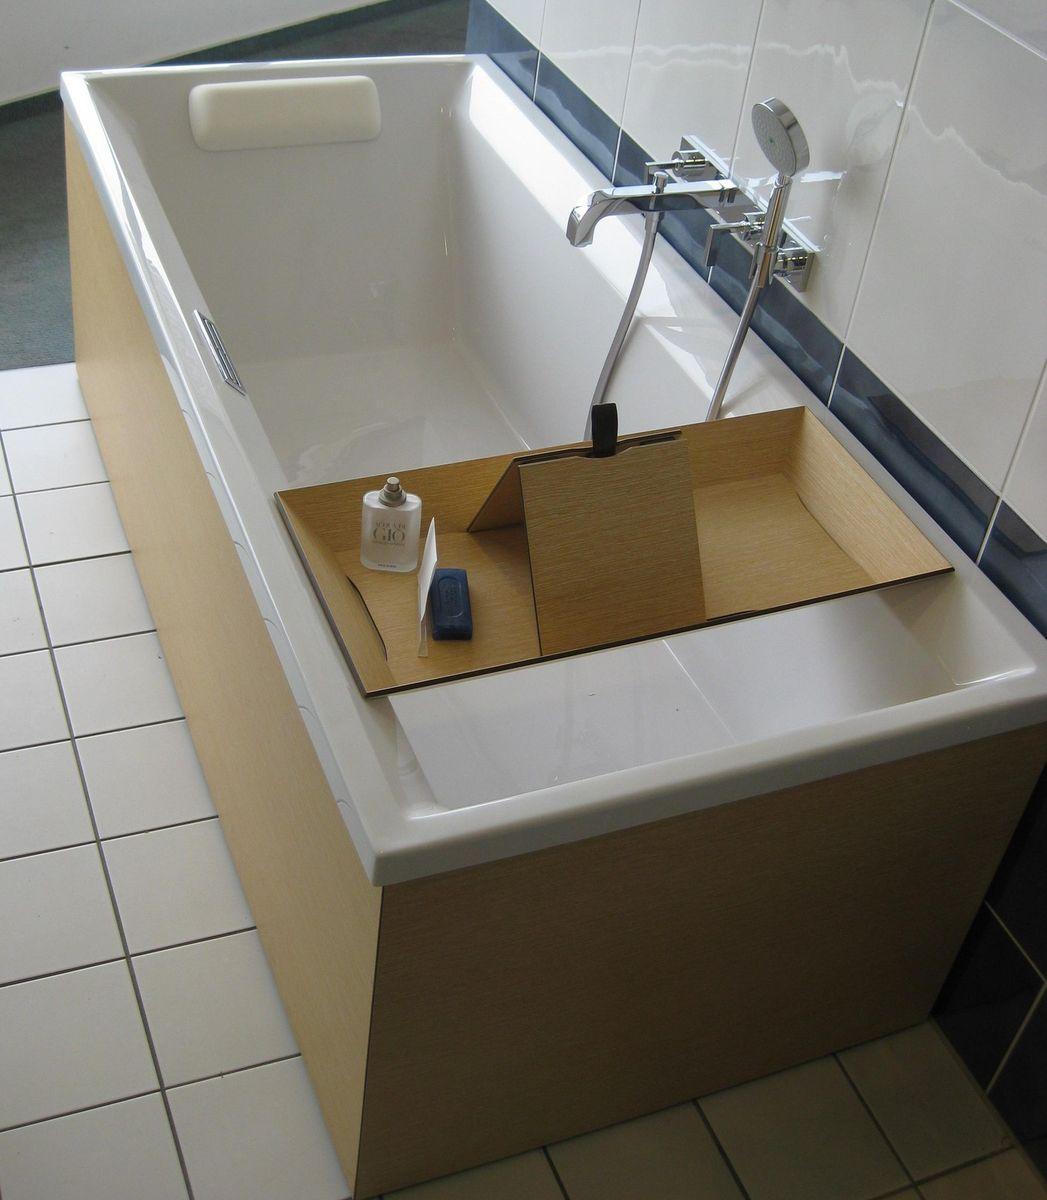 2nd floor badewanne mit moebelverkleidung eiche gekalkt